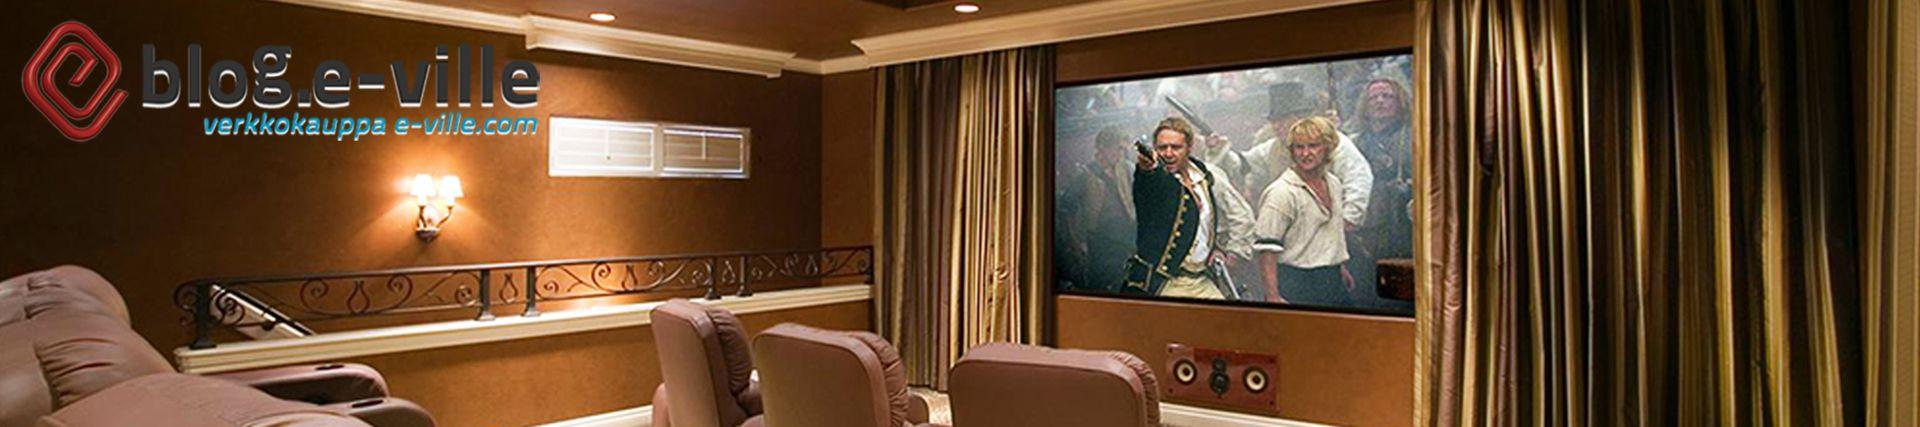 Älä katso projektoriasi seinältä - Lue blogi